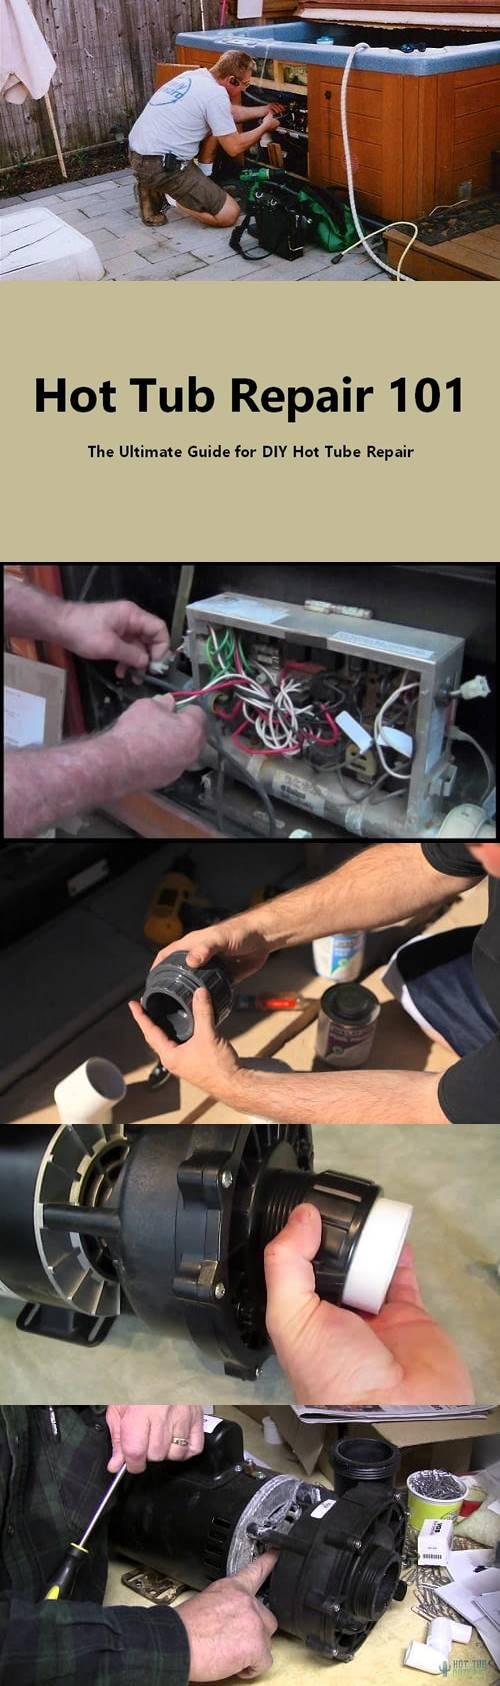 Hot Tub Repair 101: The Ultimate Guide For DIY Hot Tube Repair